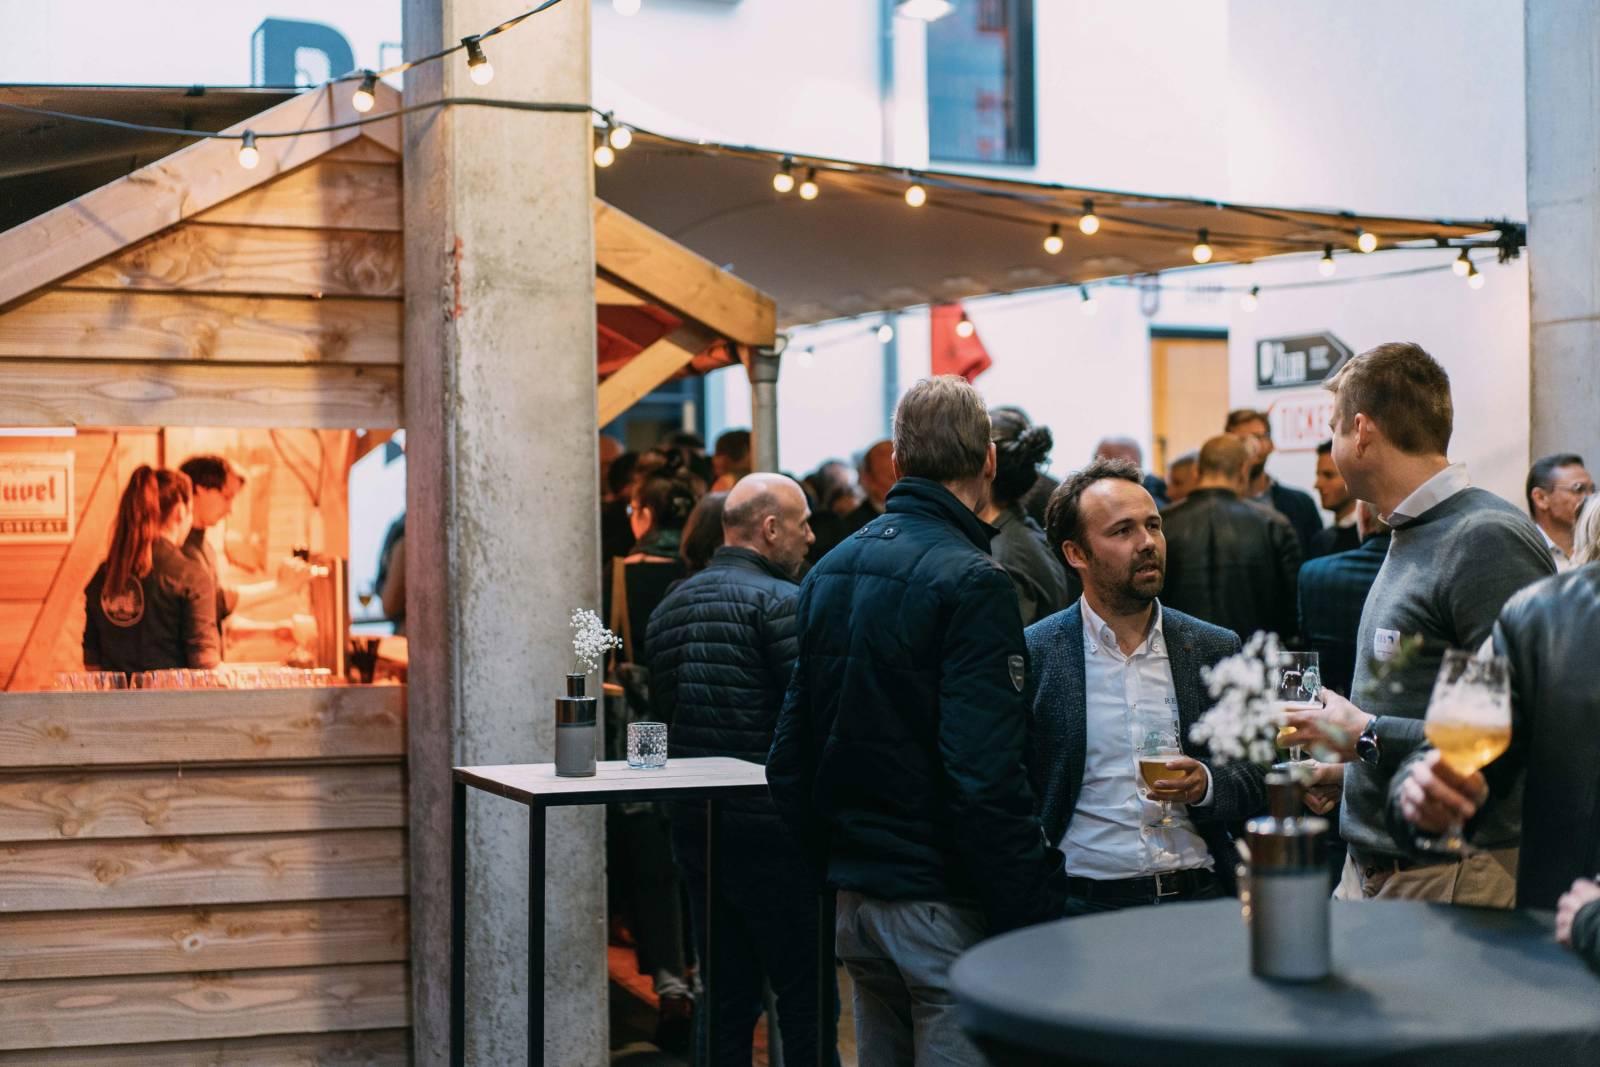 Stadsbrouwerij De Koninck - Feestzaal Antwerpen - House of Weddings - 2